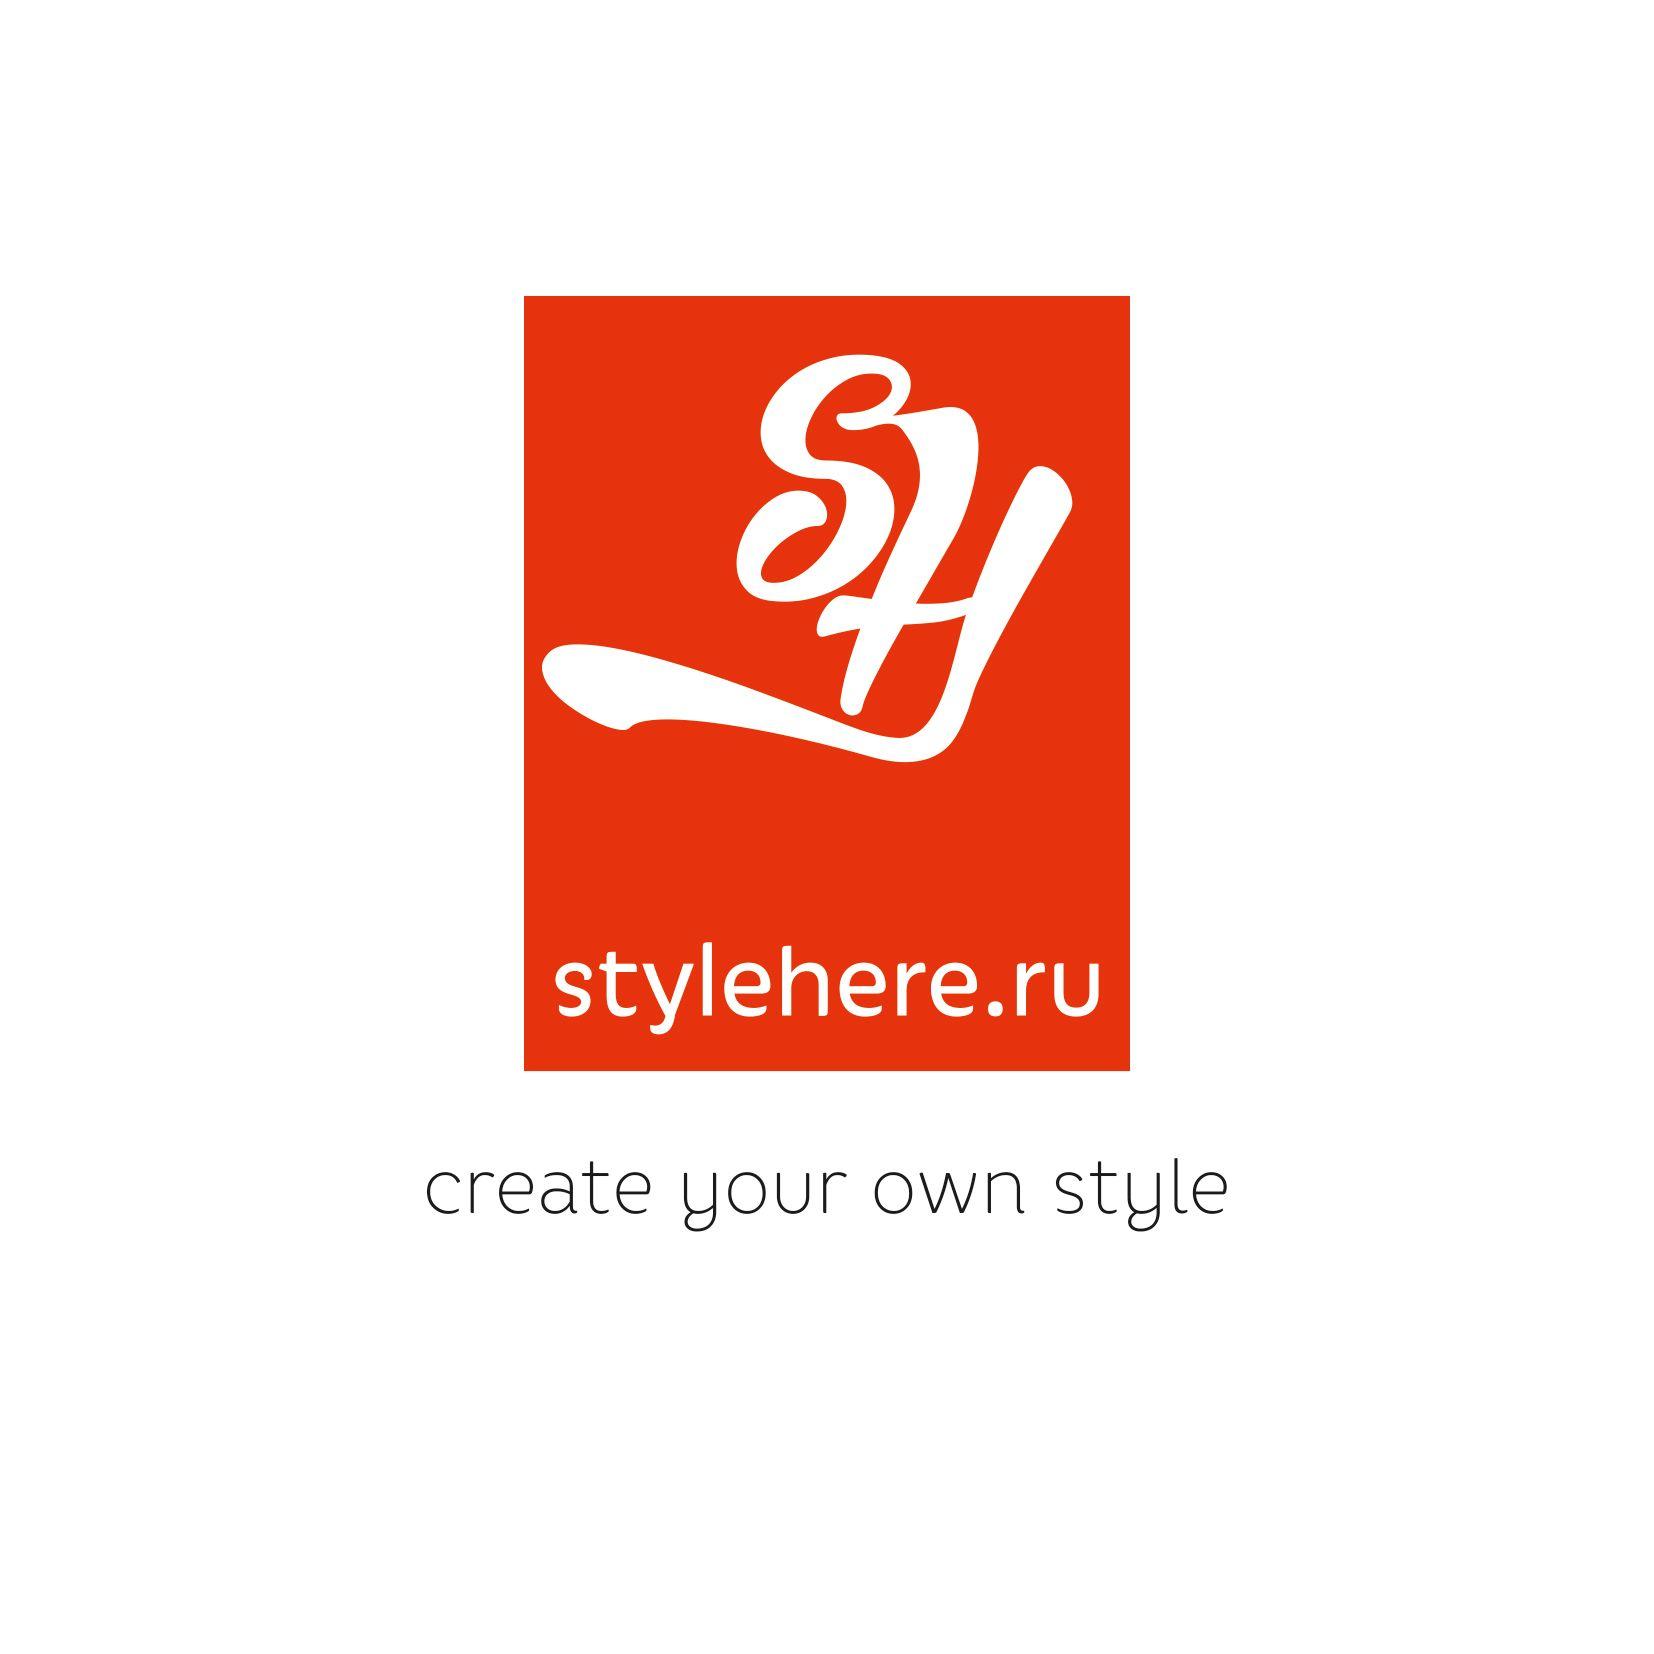 Логотип для интернет-магазина stylehere.ru - дизайнер pionero